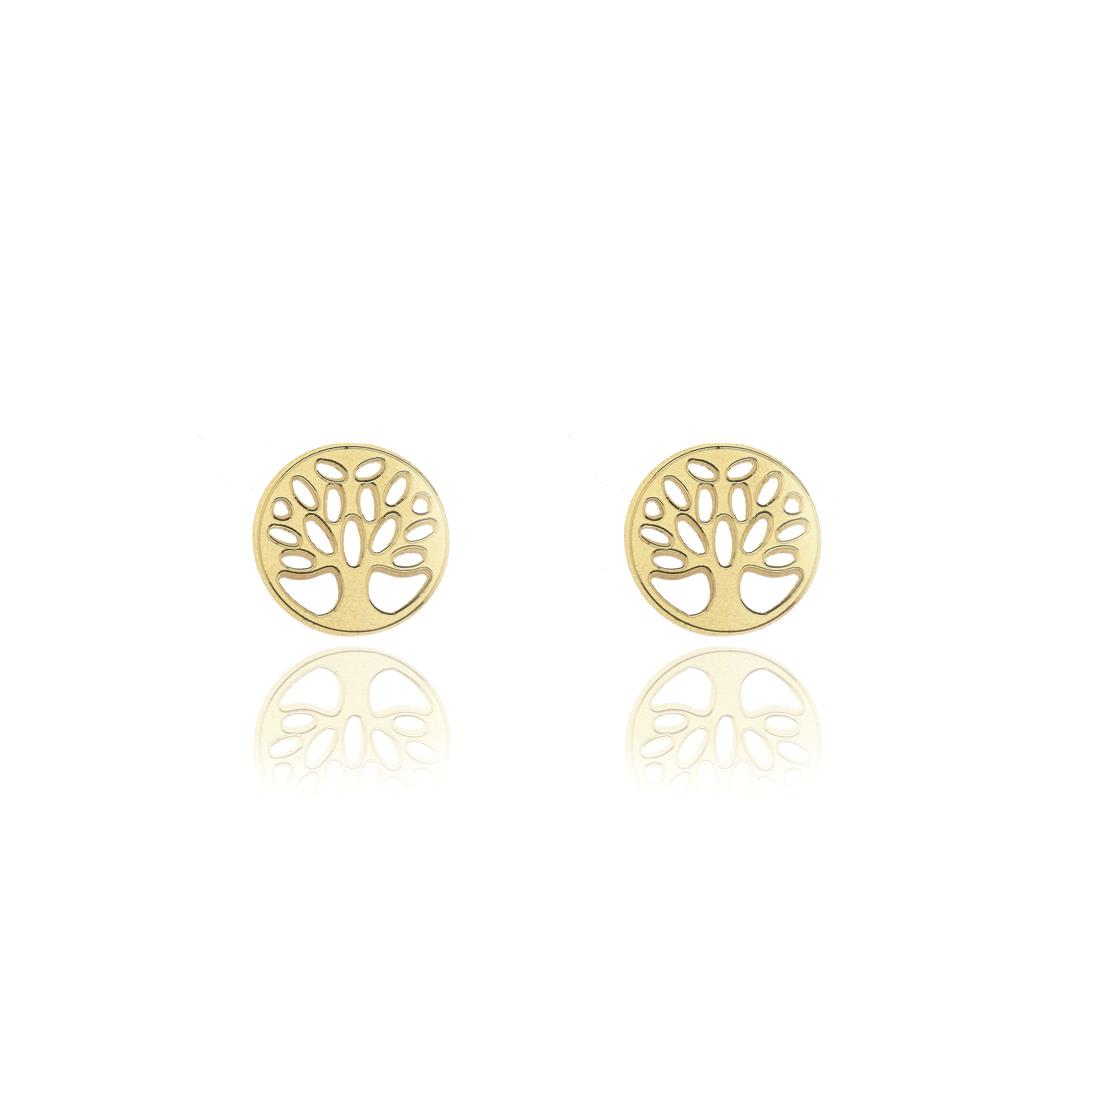 Orecchini al lobo in oro giallo 18kt design albero di vita - ELLA